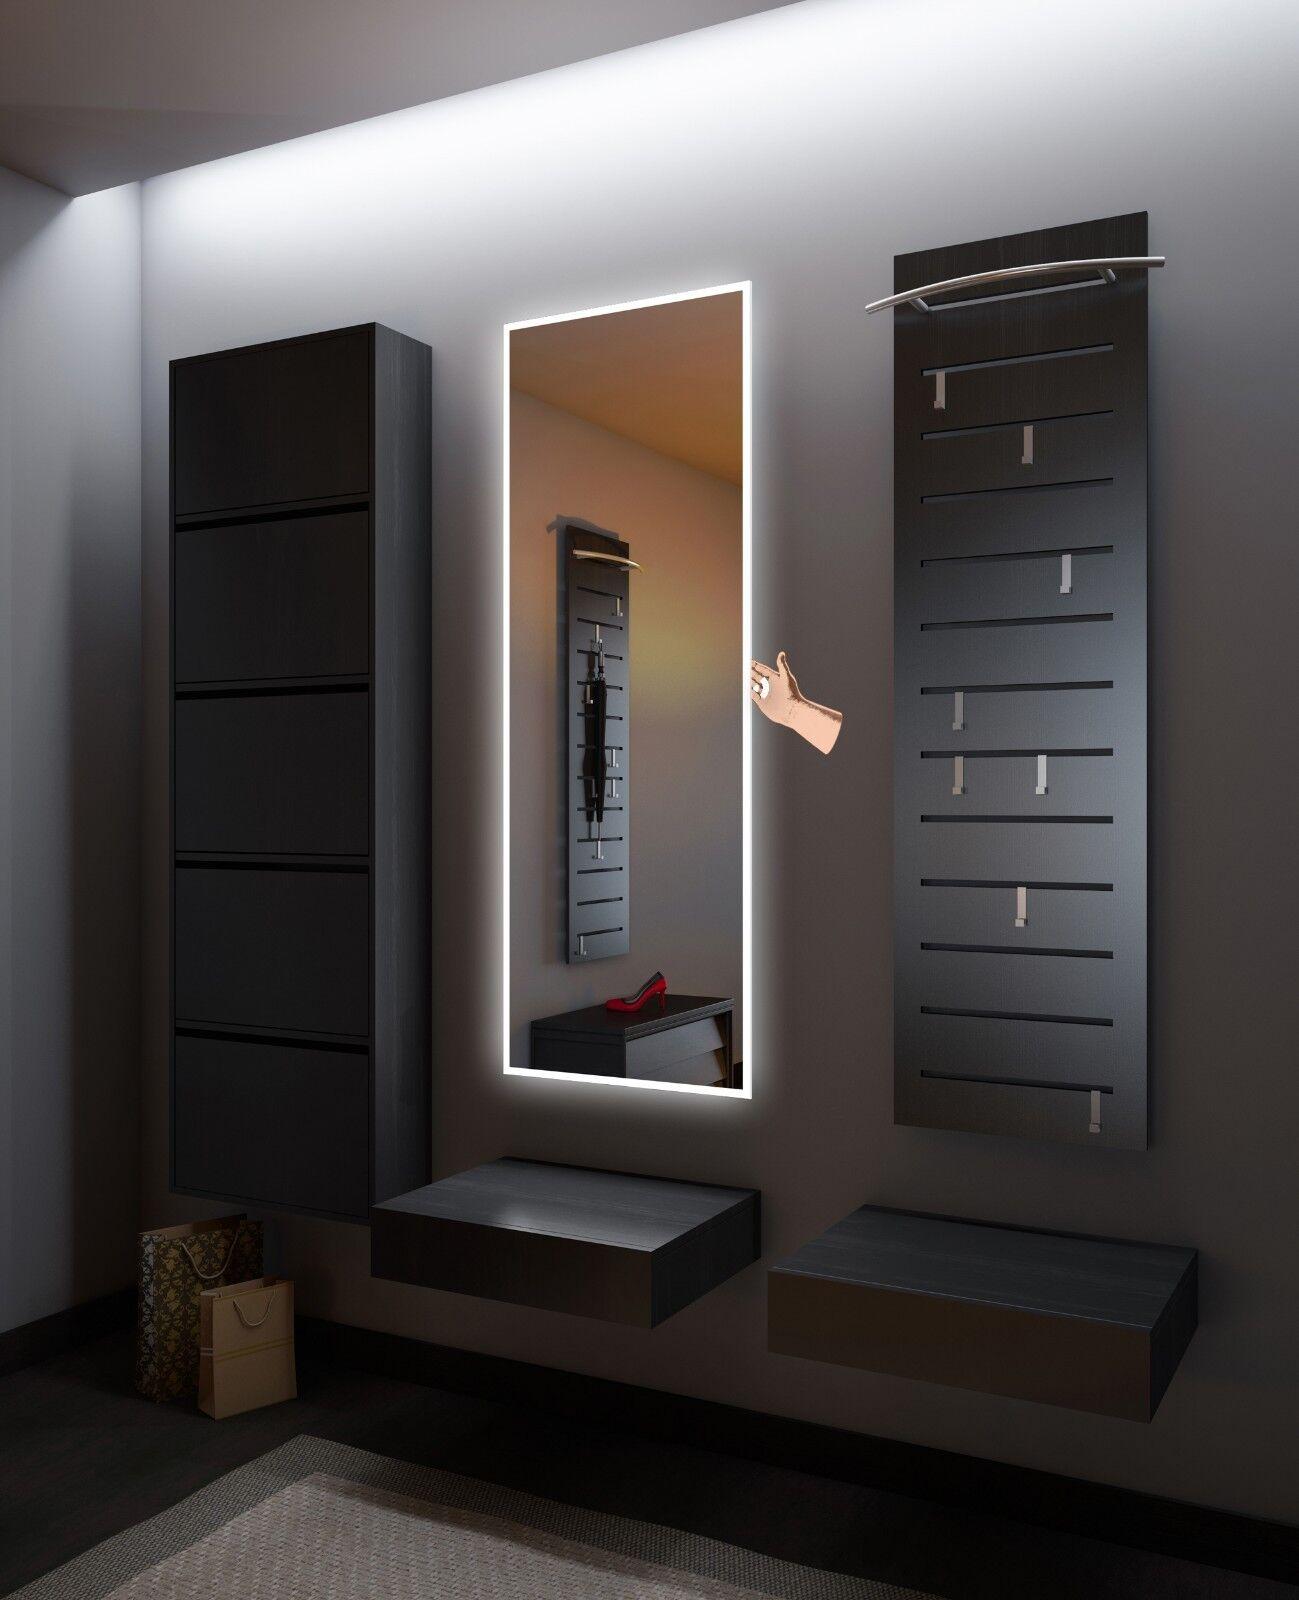 Flurspiegel mit LED Beleuchtung Dekorativer Spiegel     Touch Schalter   Sensor 01 170114